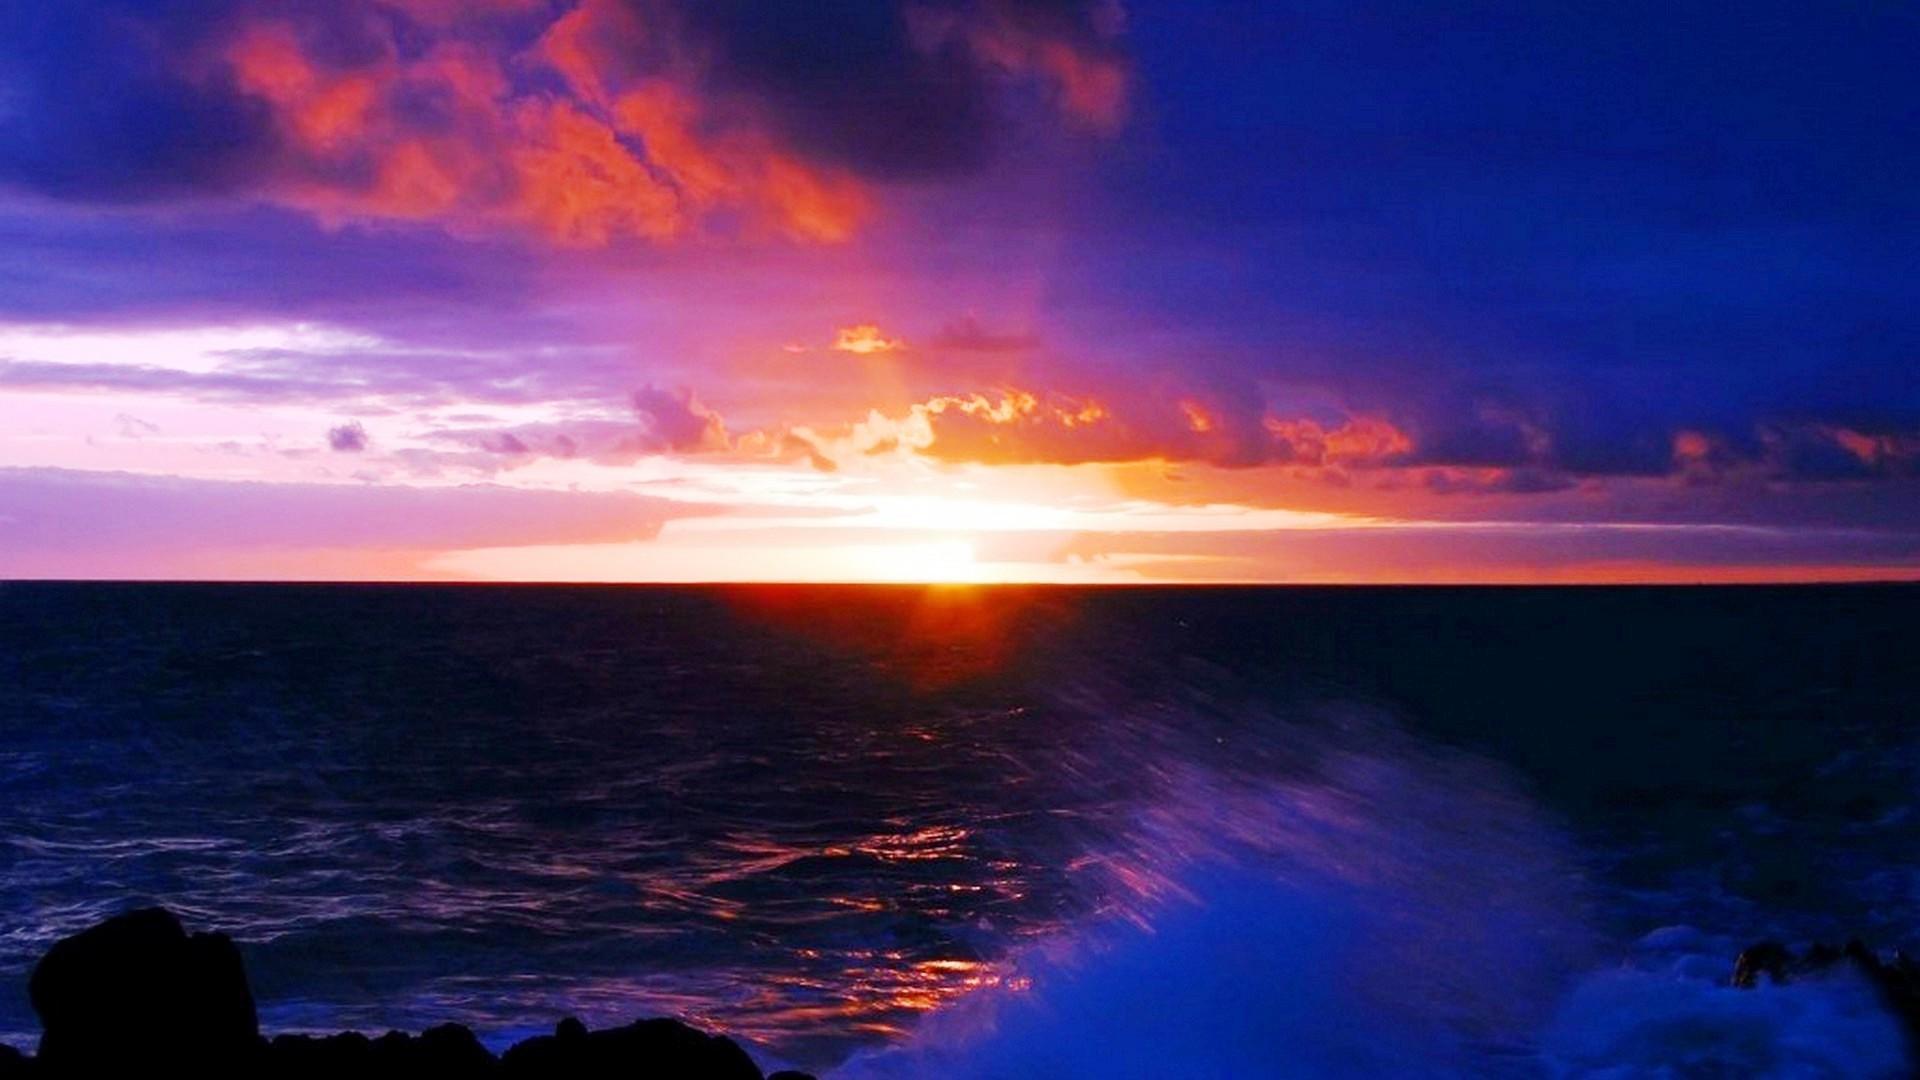 Res: 1920x1080, Download Link : Link Image Download. View Original Images : Dark HD Sea  Sunset Wallpaper Landscape